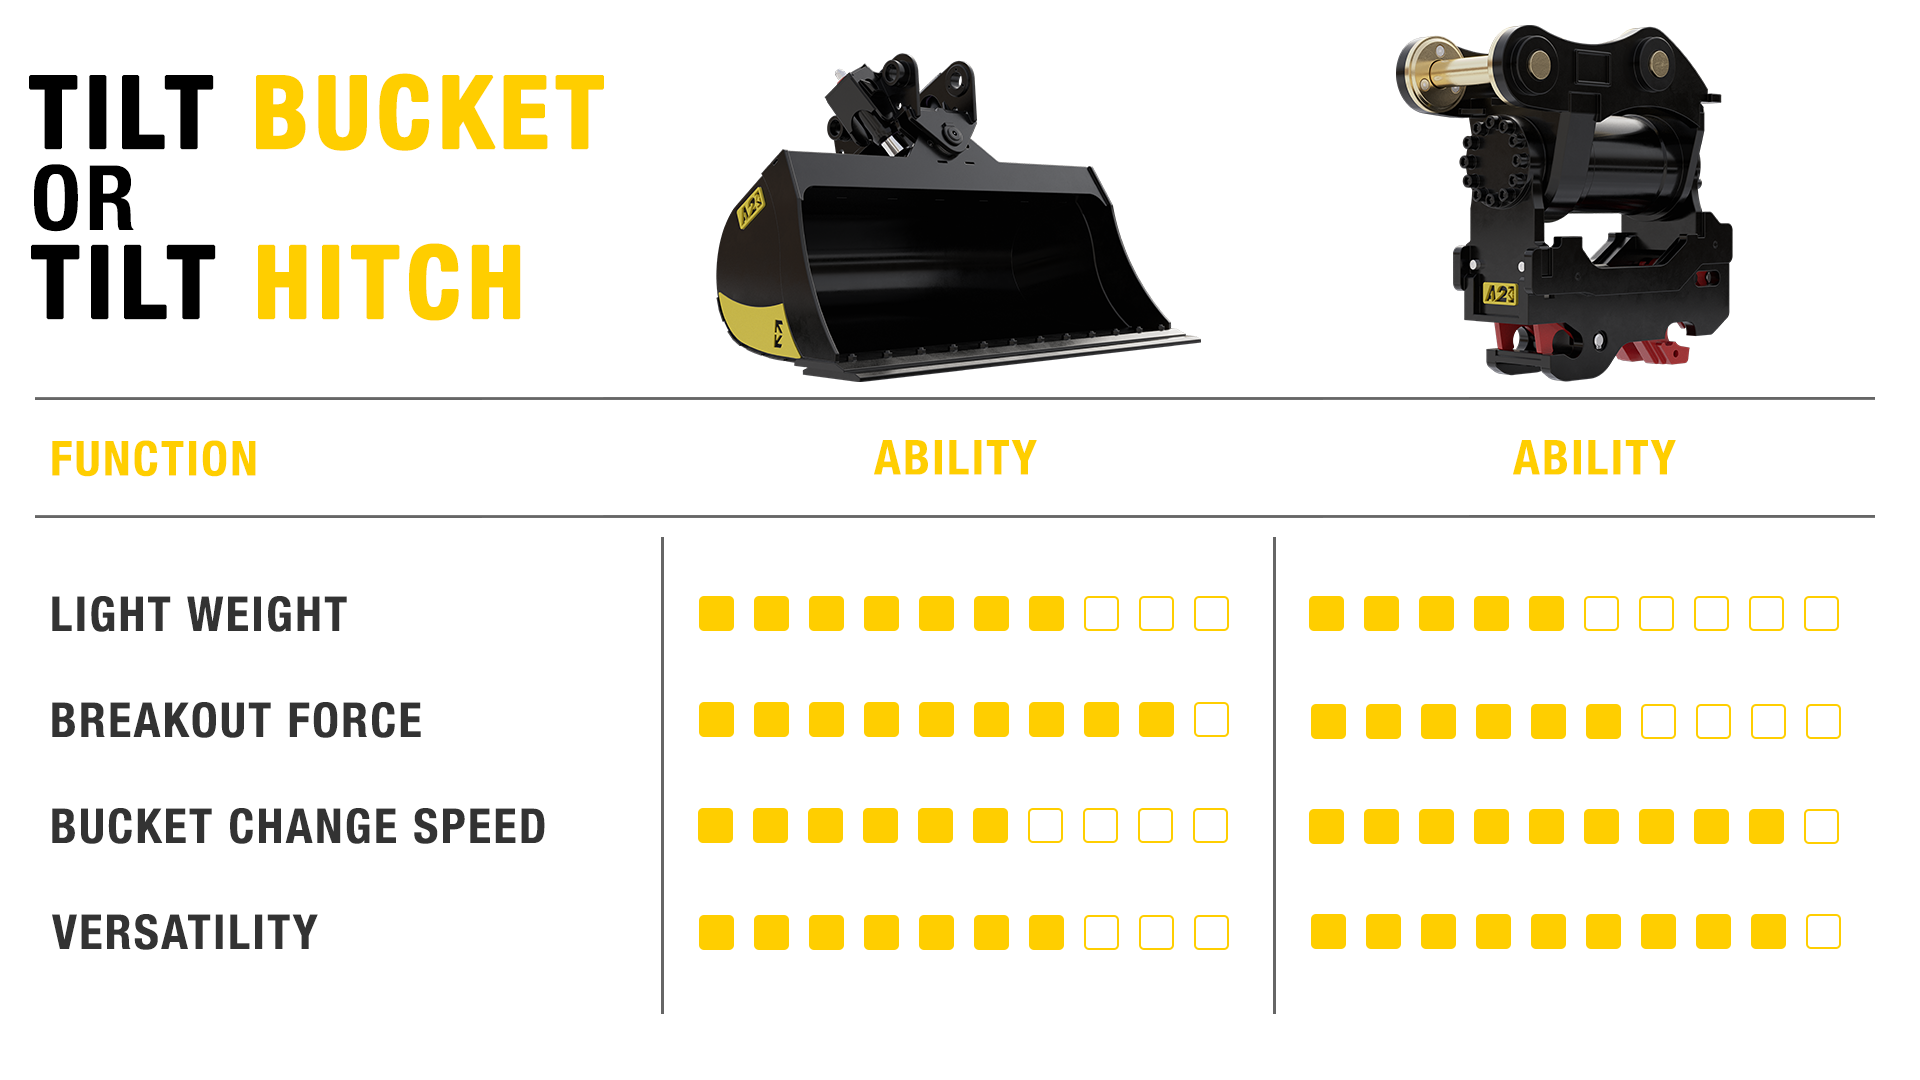 Tilt Bucket vs Tilt Hitch Chart comparison.